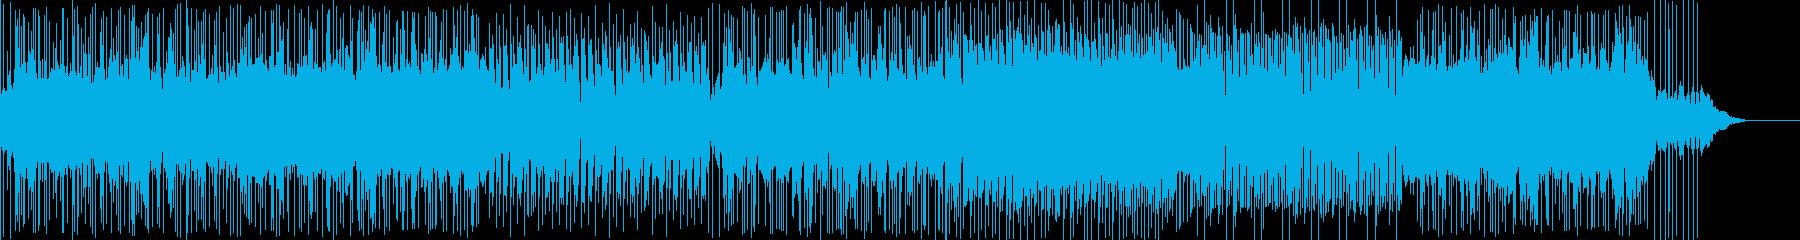 気分がアガる疾走感あふれる曲の再生済みの波形